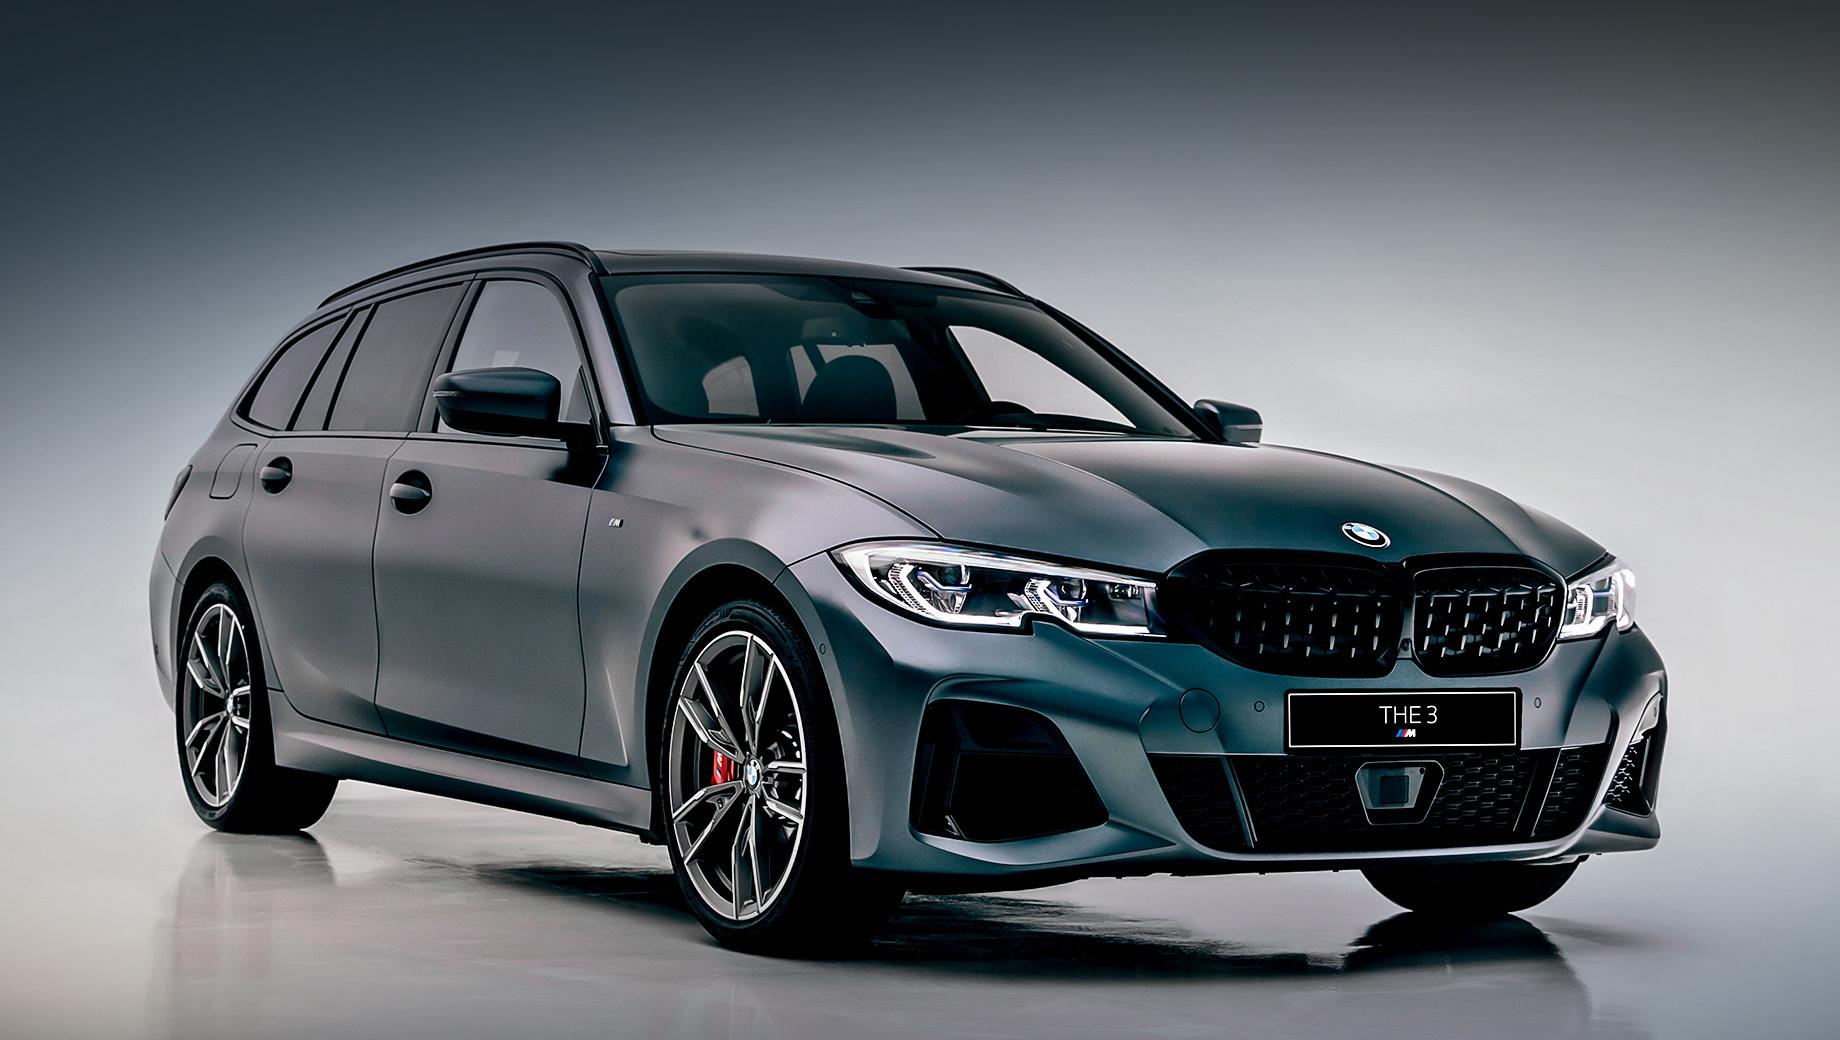 Bmw 3. Пятидверка BMW M340i xDrive Touring First Edition по умолчанию оснащена лазерными фарами, М-подвеской с адаптивными амортизаторами, 19-дюймовыми разноширокими колёсами и системой Reversing Assistant, с помощью которой автомобиль может самостоятельно маневрировать задним ходом на протяжении последних 50 м.